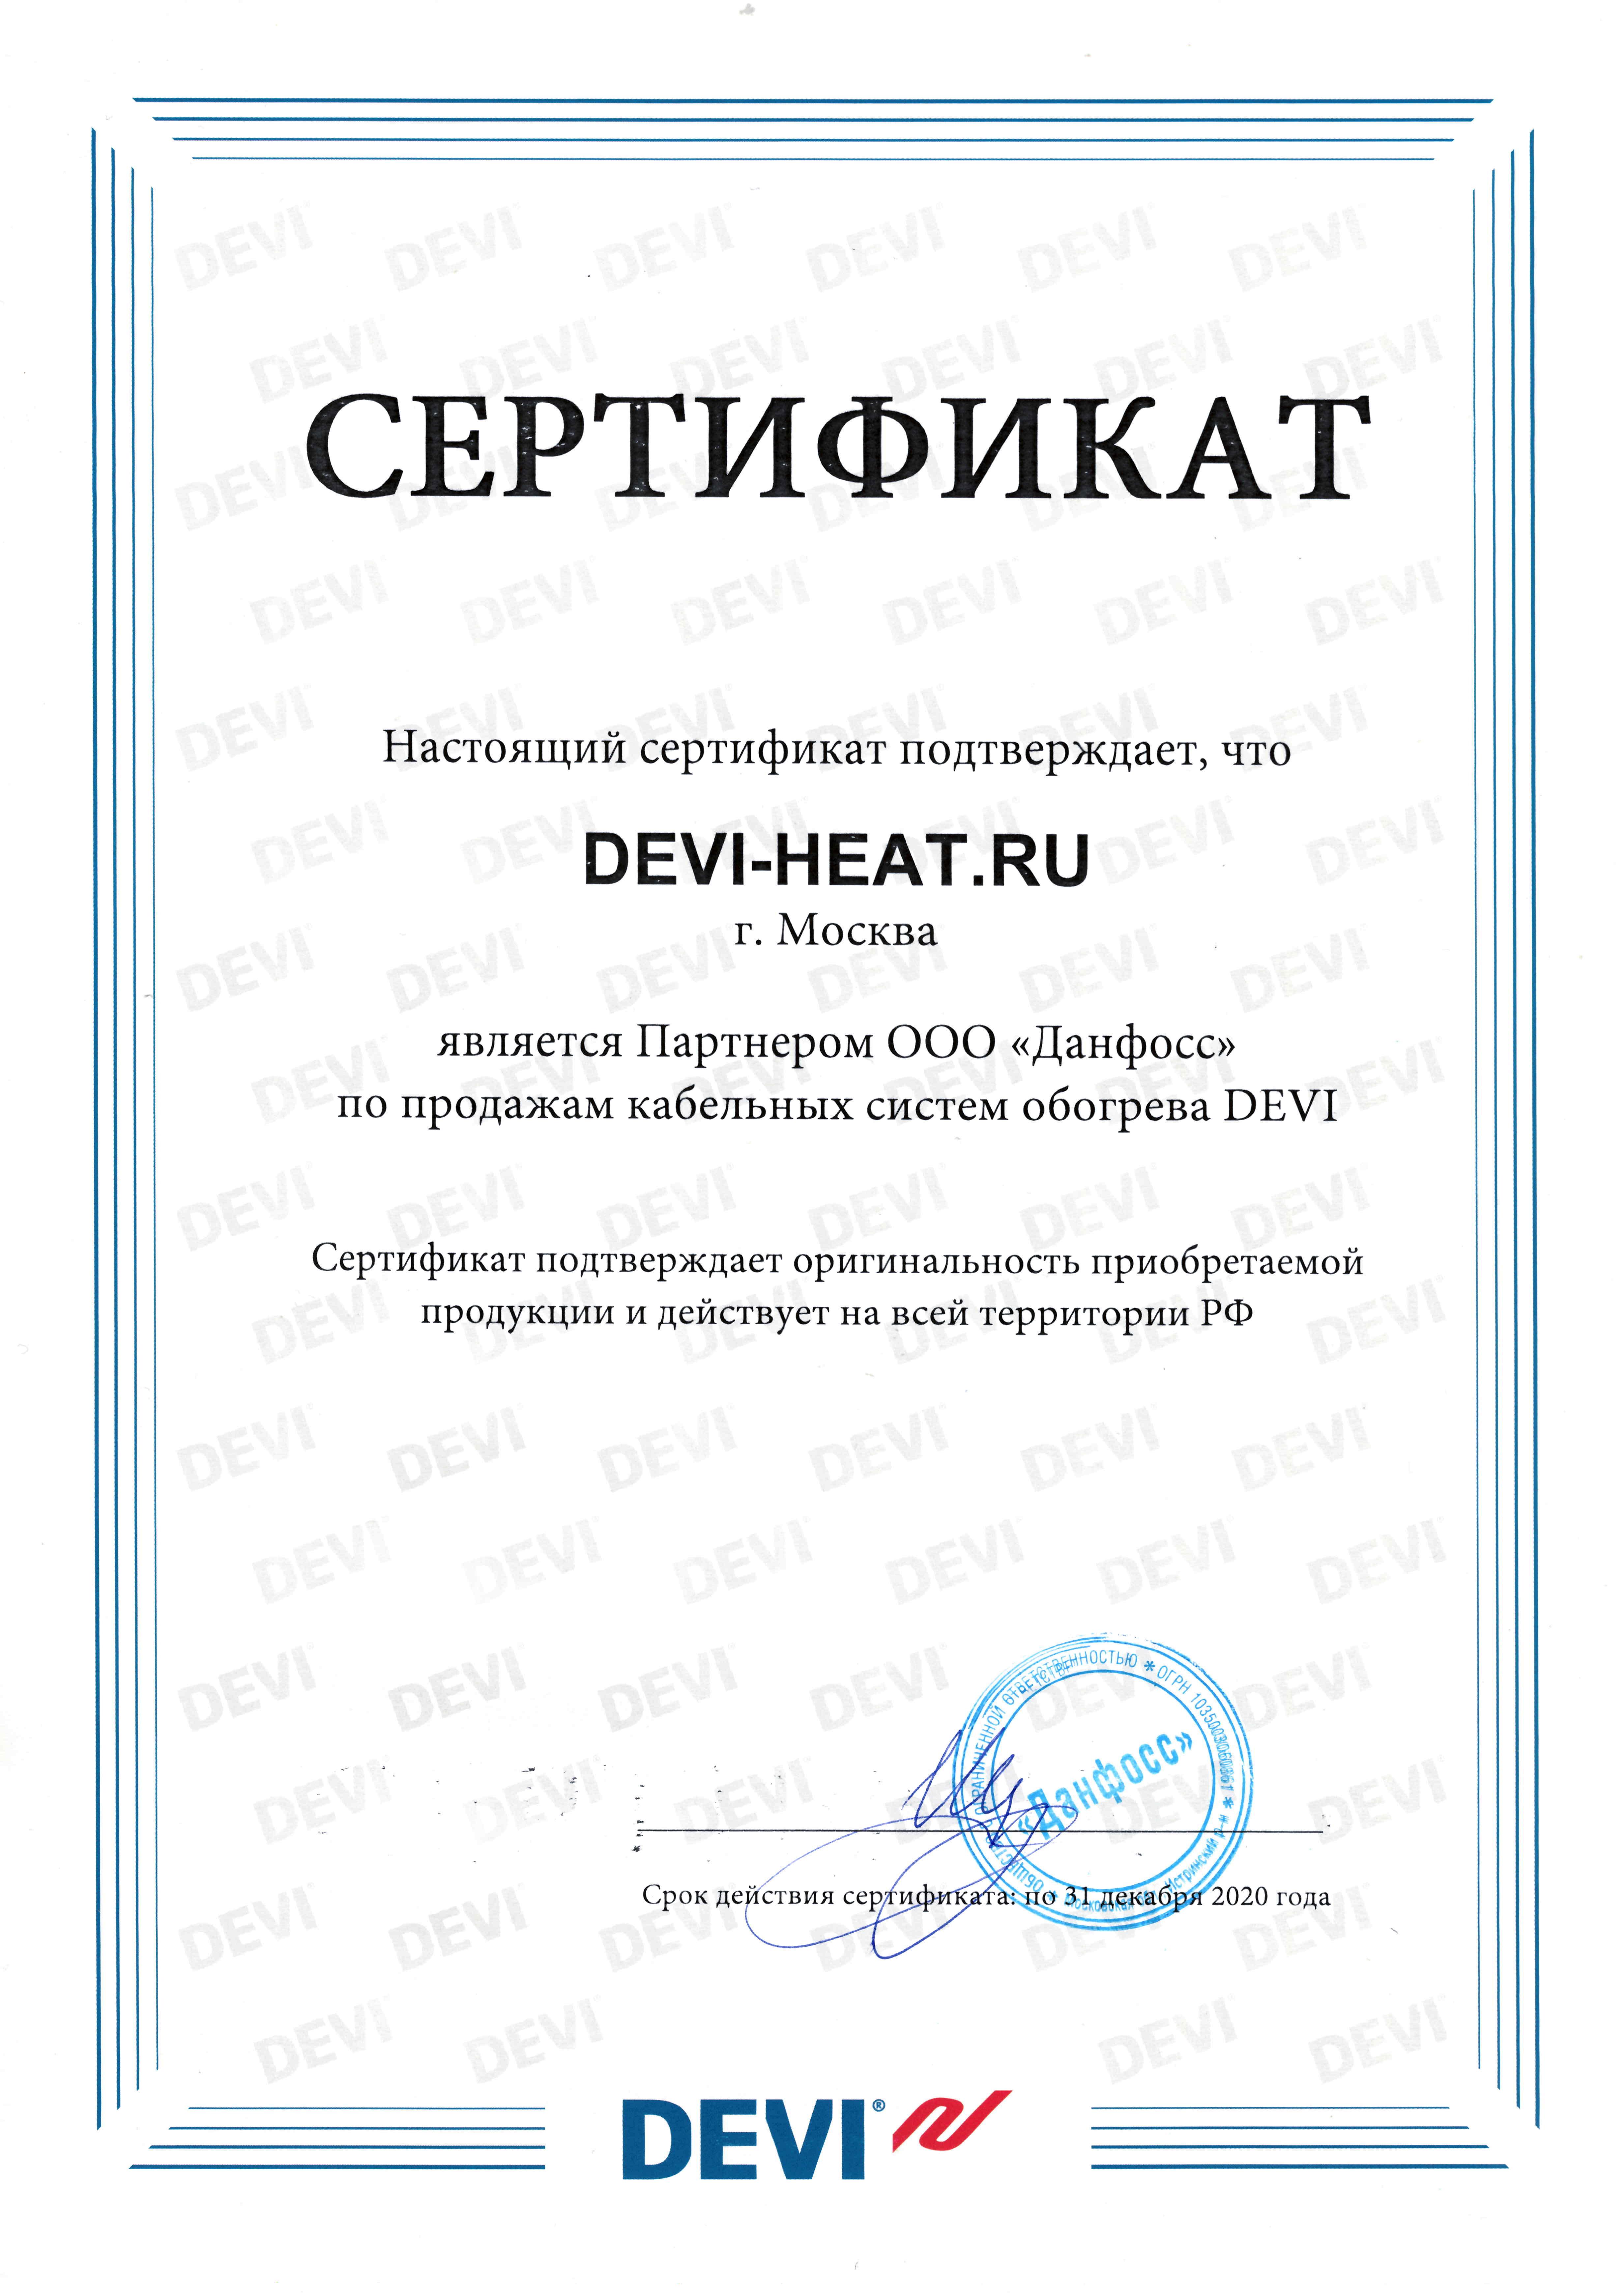 Сертификат партнера DEVI